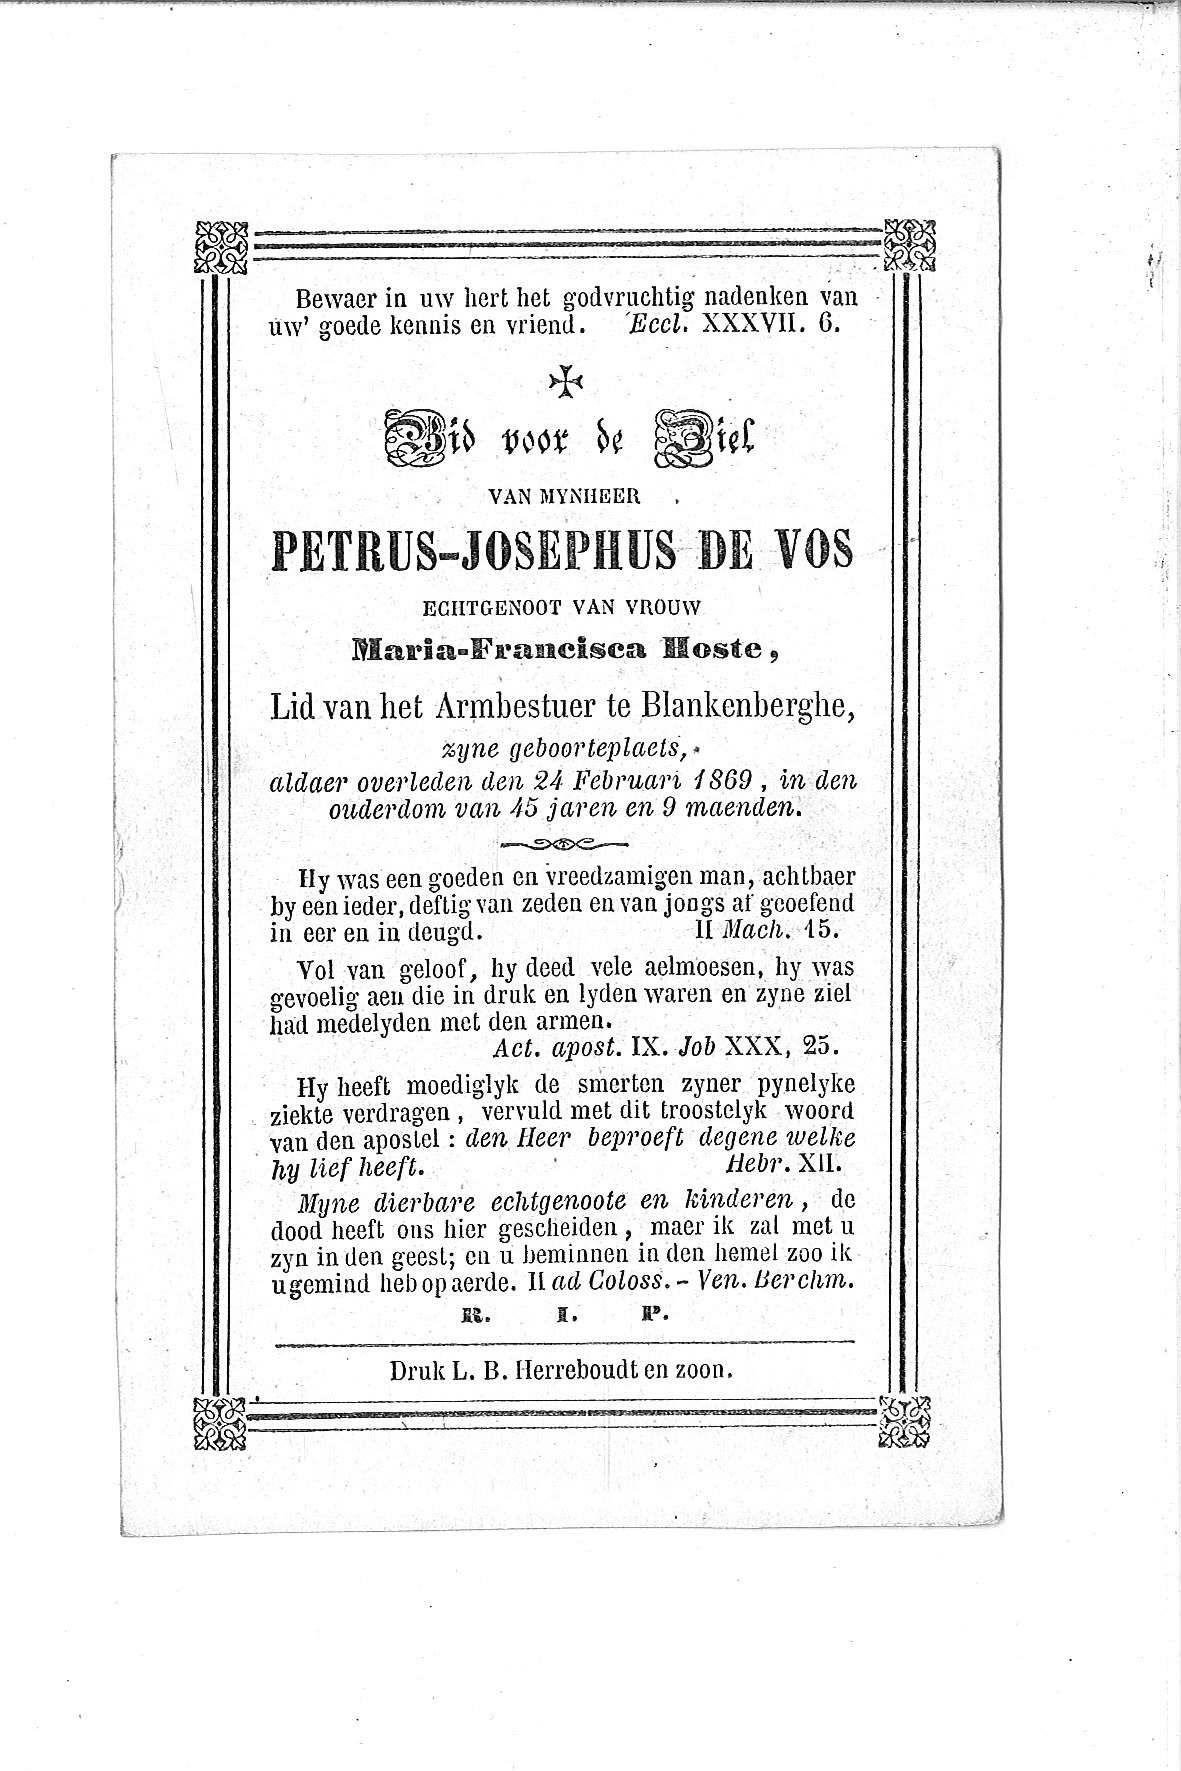 Petrus-Josephus (1869) 20120229094155_00137.jpg